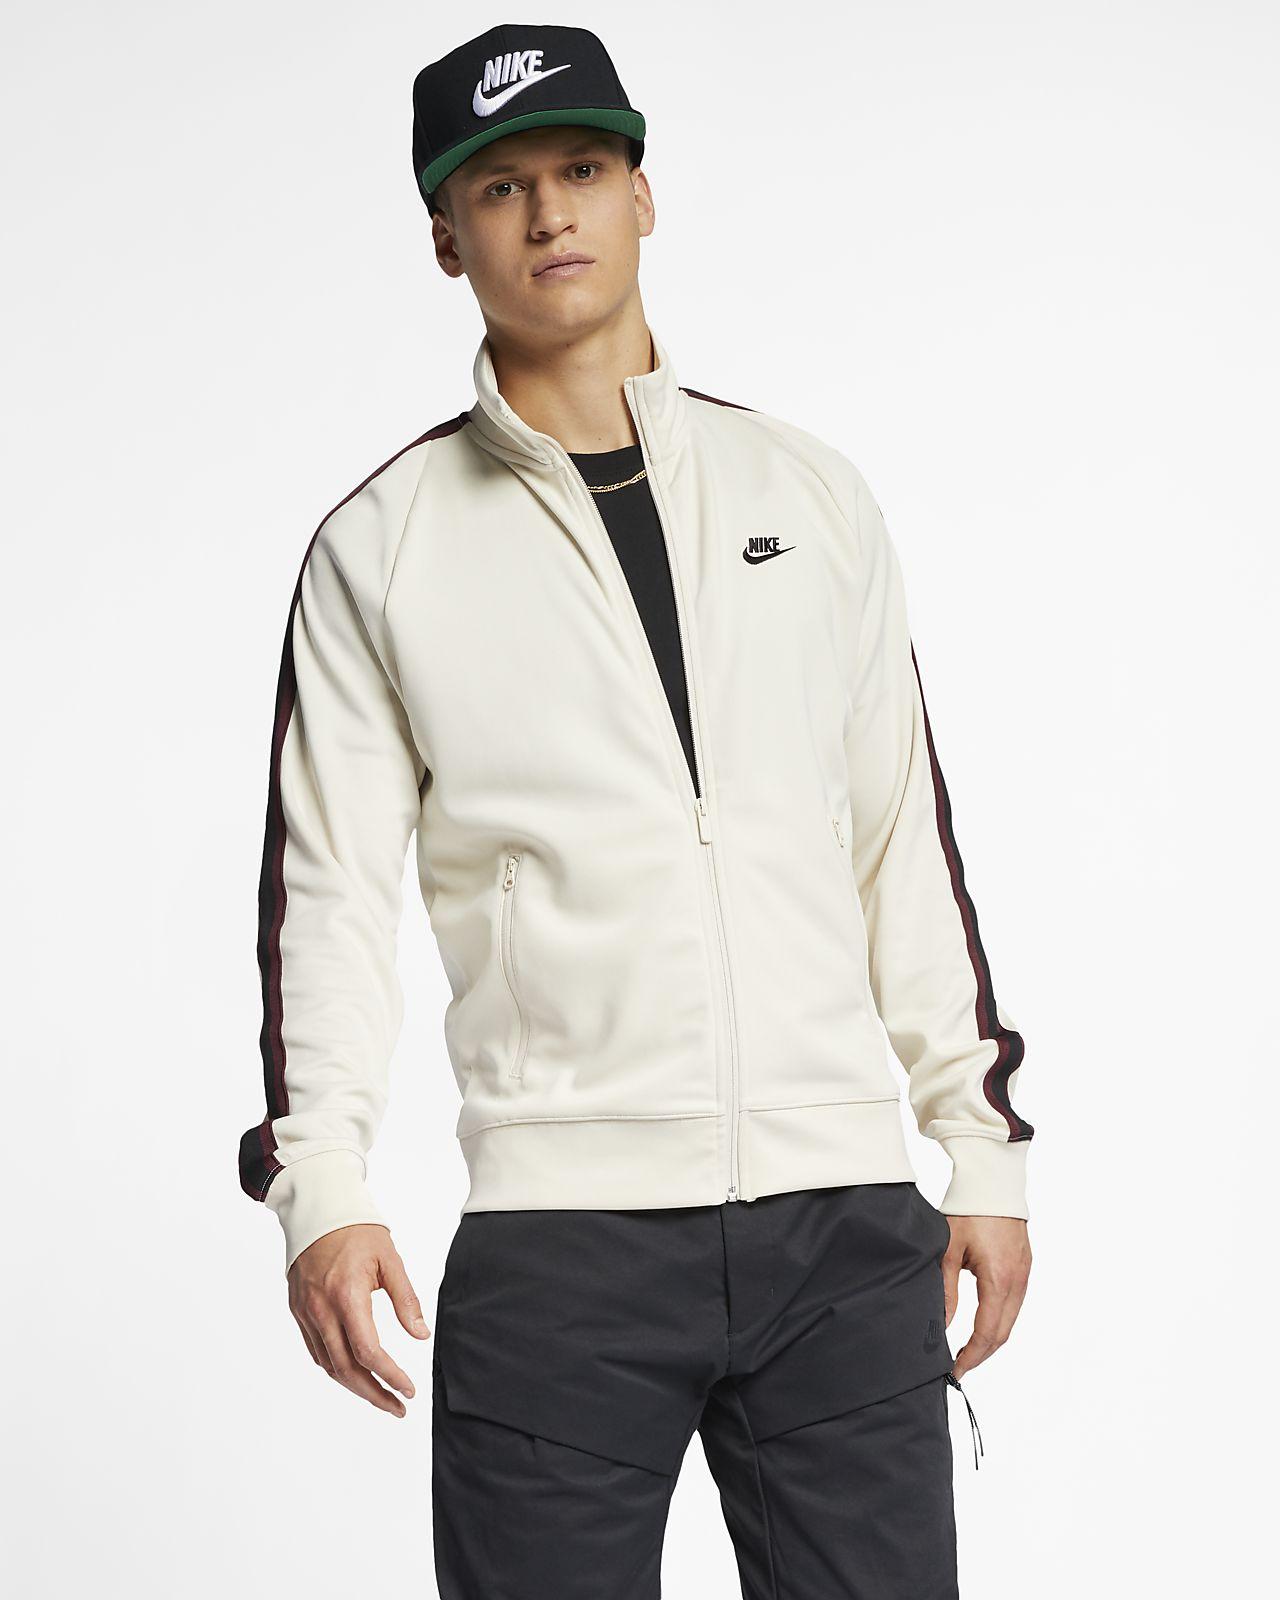 Nike Sportswear N98 Knit warming-upjack voor heren